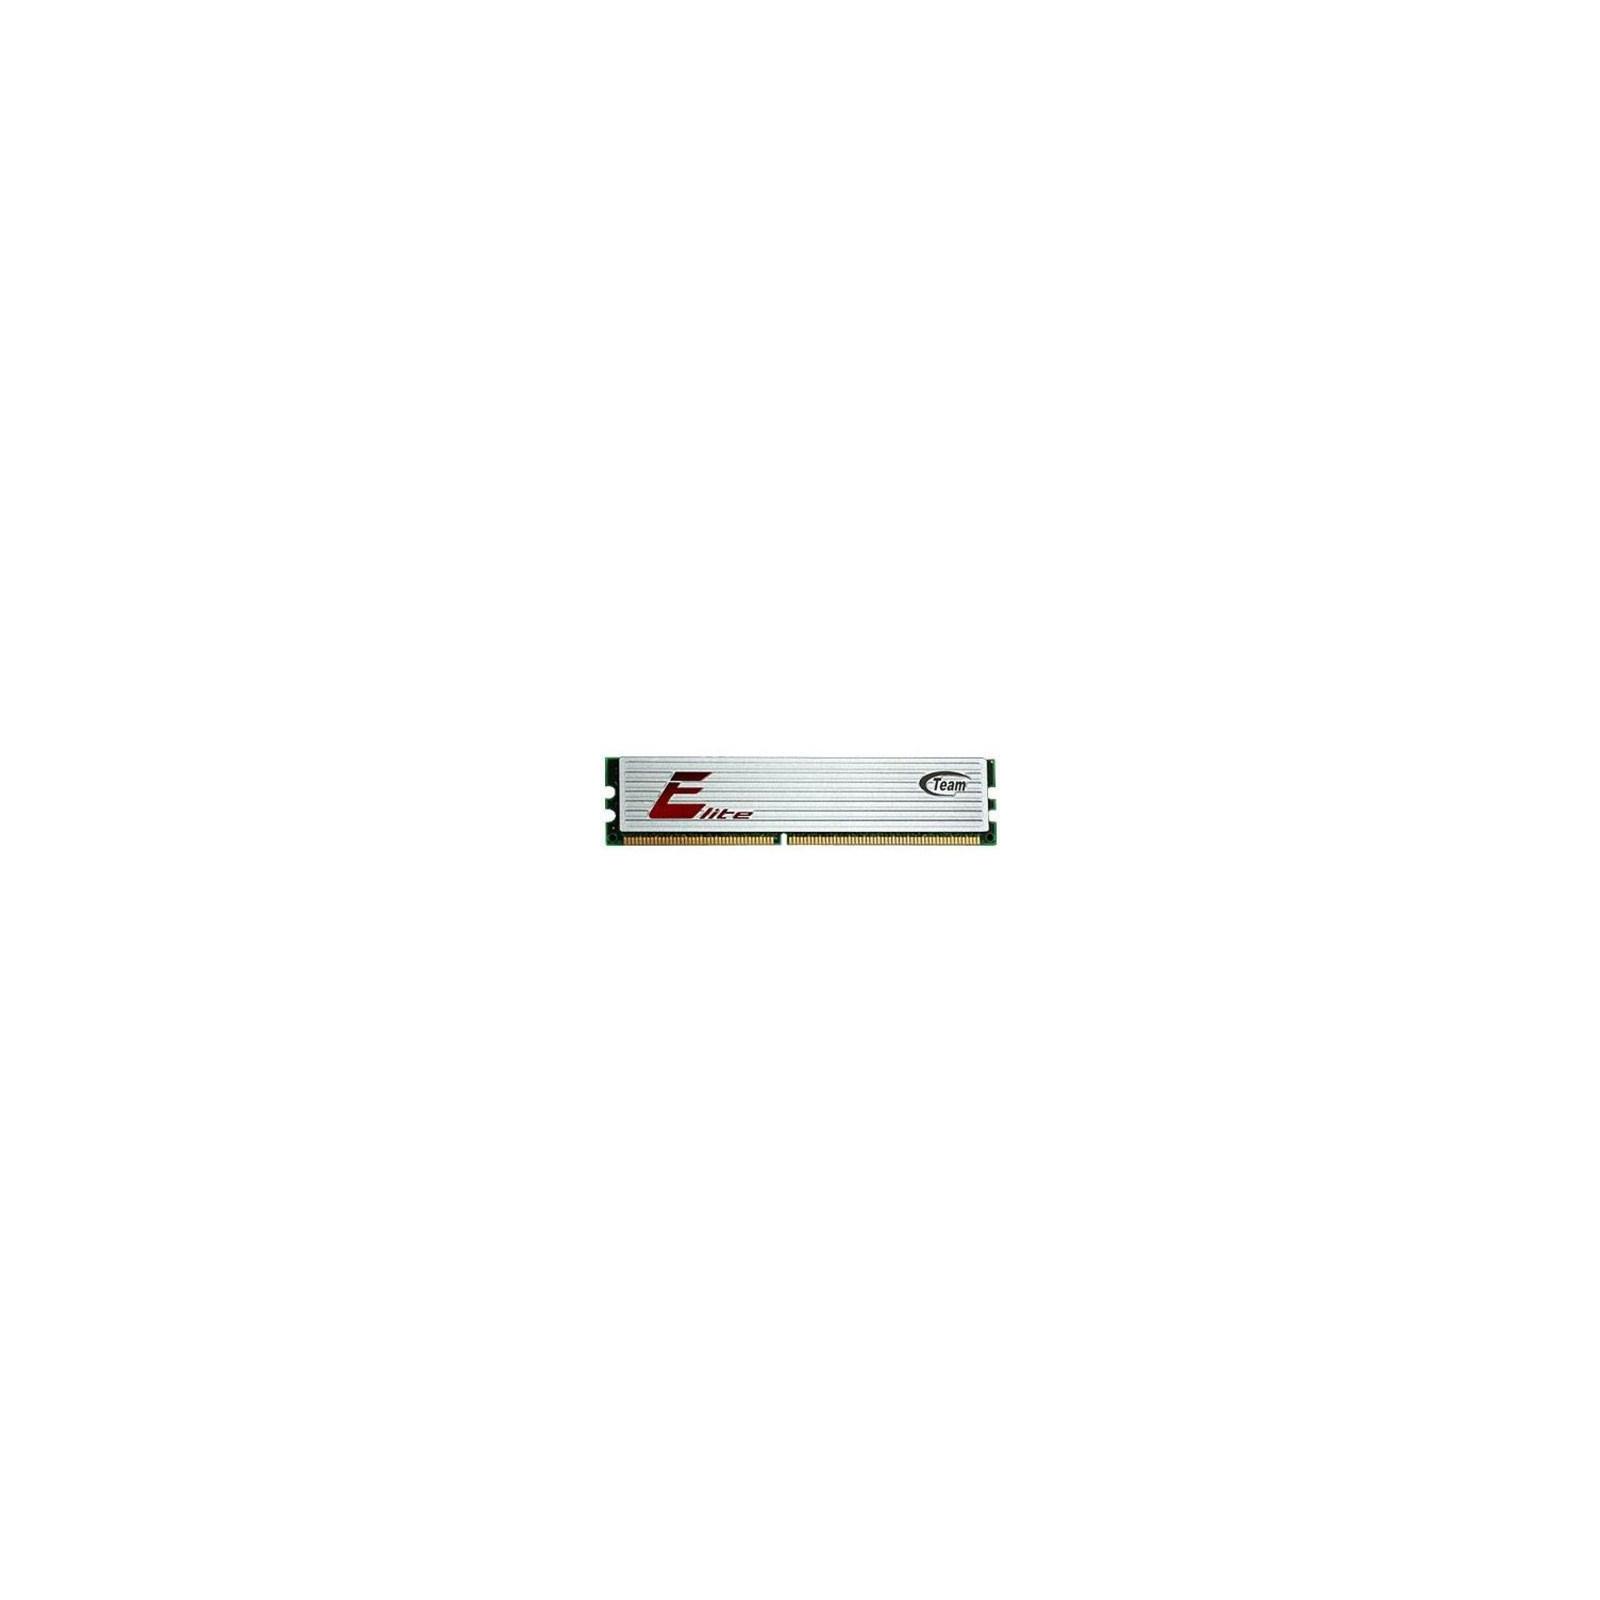 Модуль памяти для компьютера DDR3 2GB 1600 MHz Team (TED32G1600HC1101 / TED32GM1600HC1101)